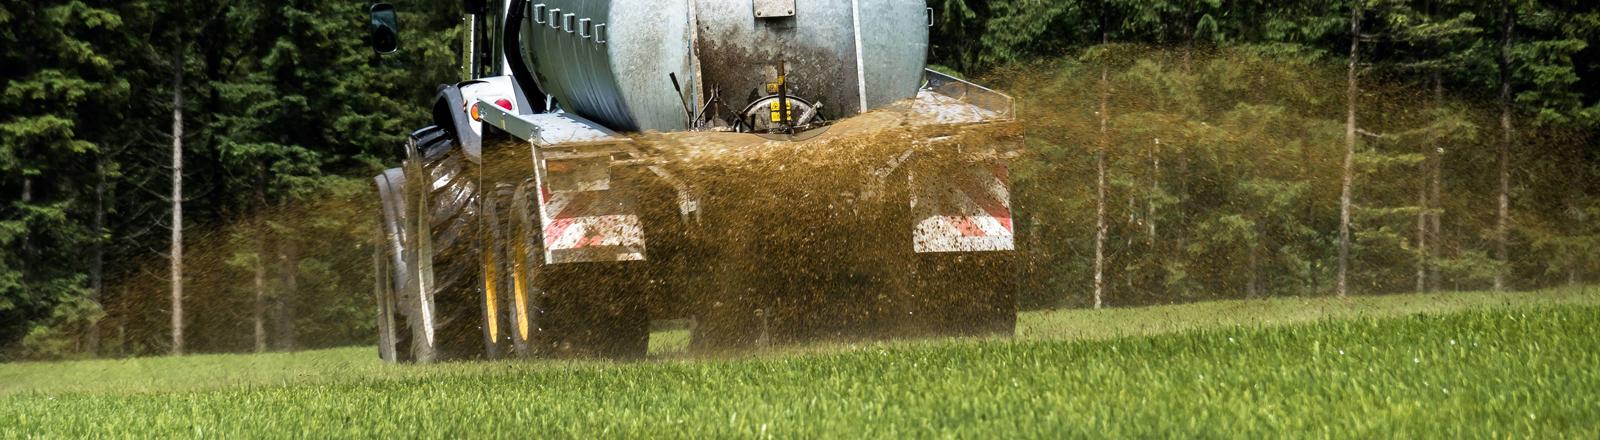 Bauer düngt ein Feld mit Gülle.